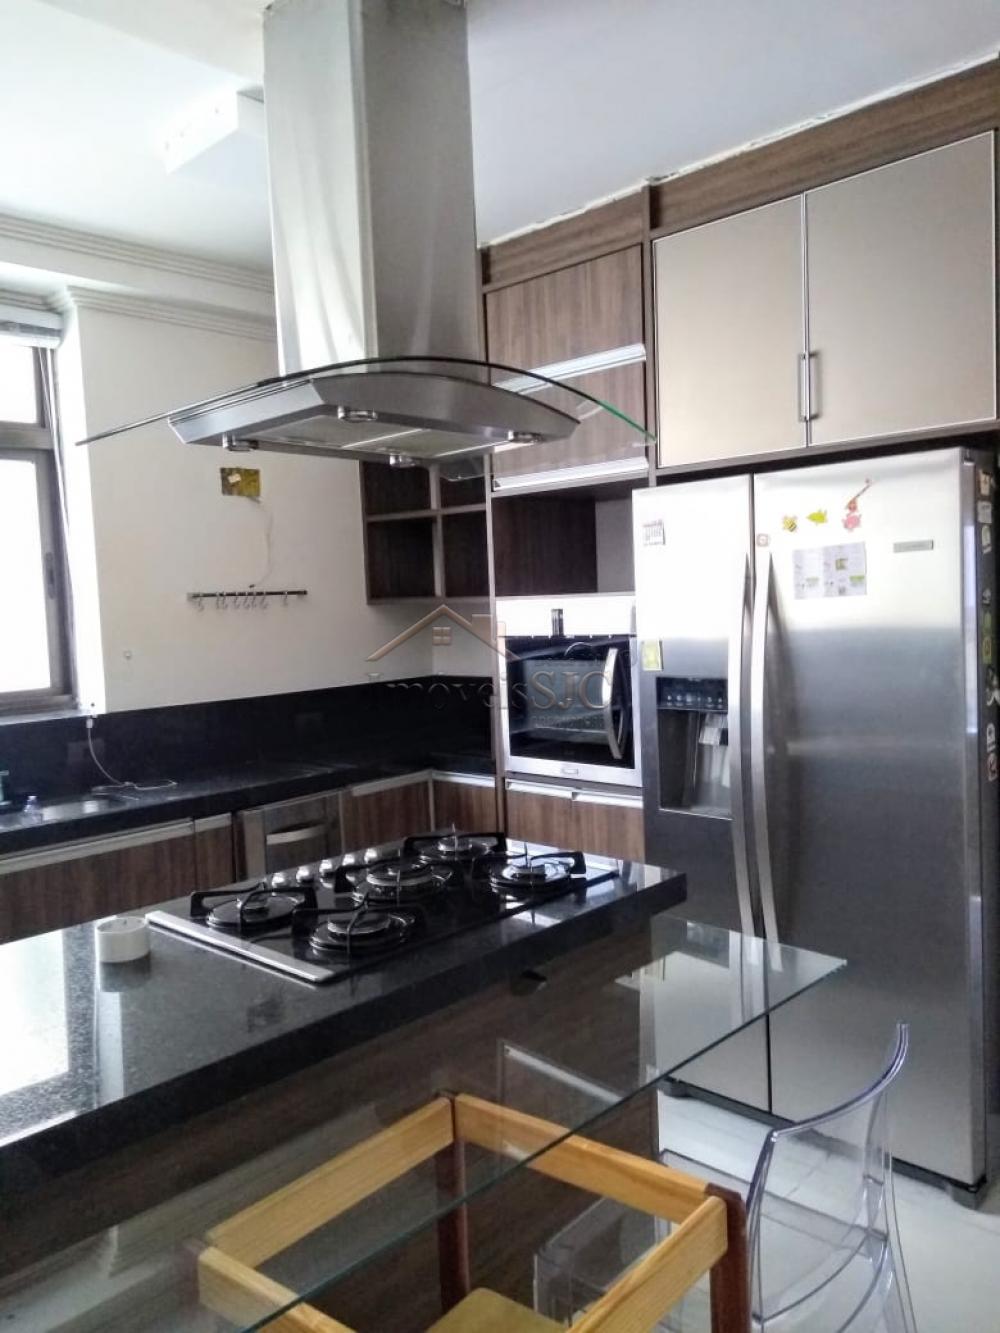 Comprar Apartamentos / Padrão em São José dos Campos apenas R$ 880.000,00 - Foto 7